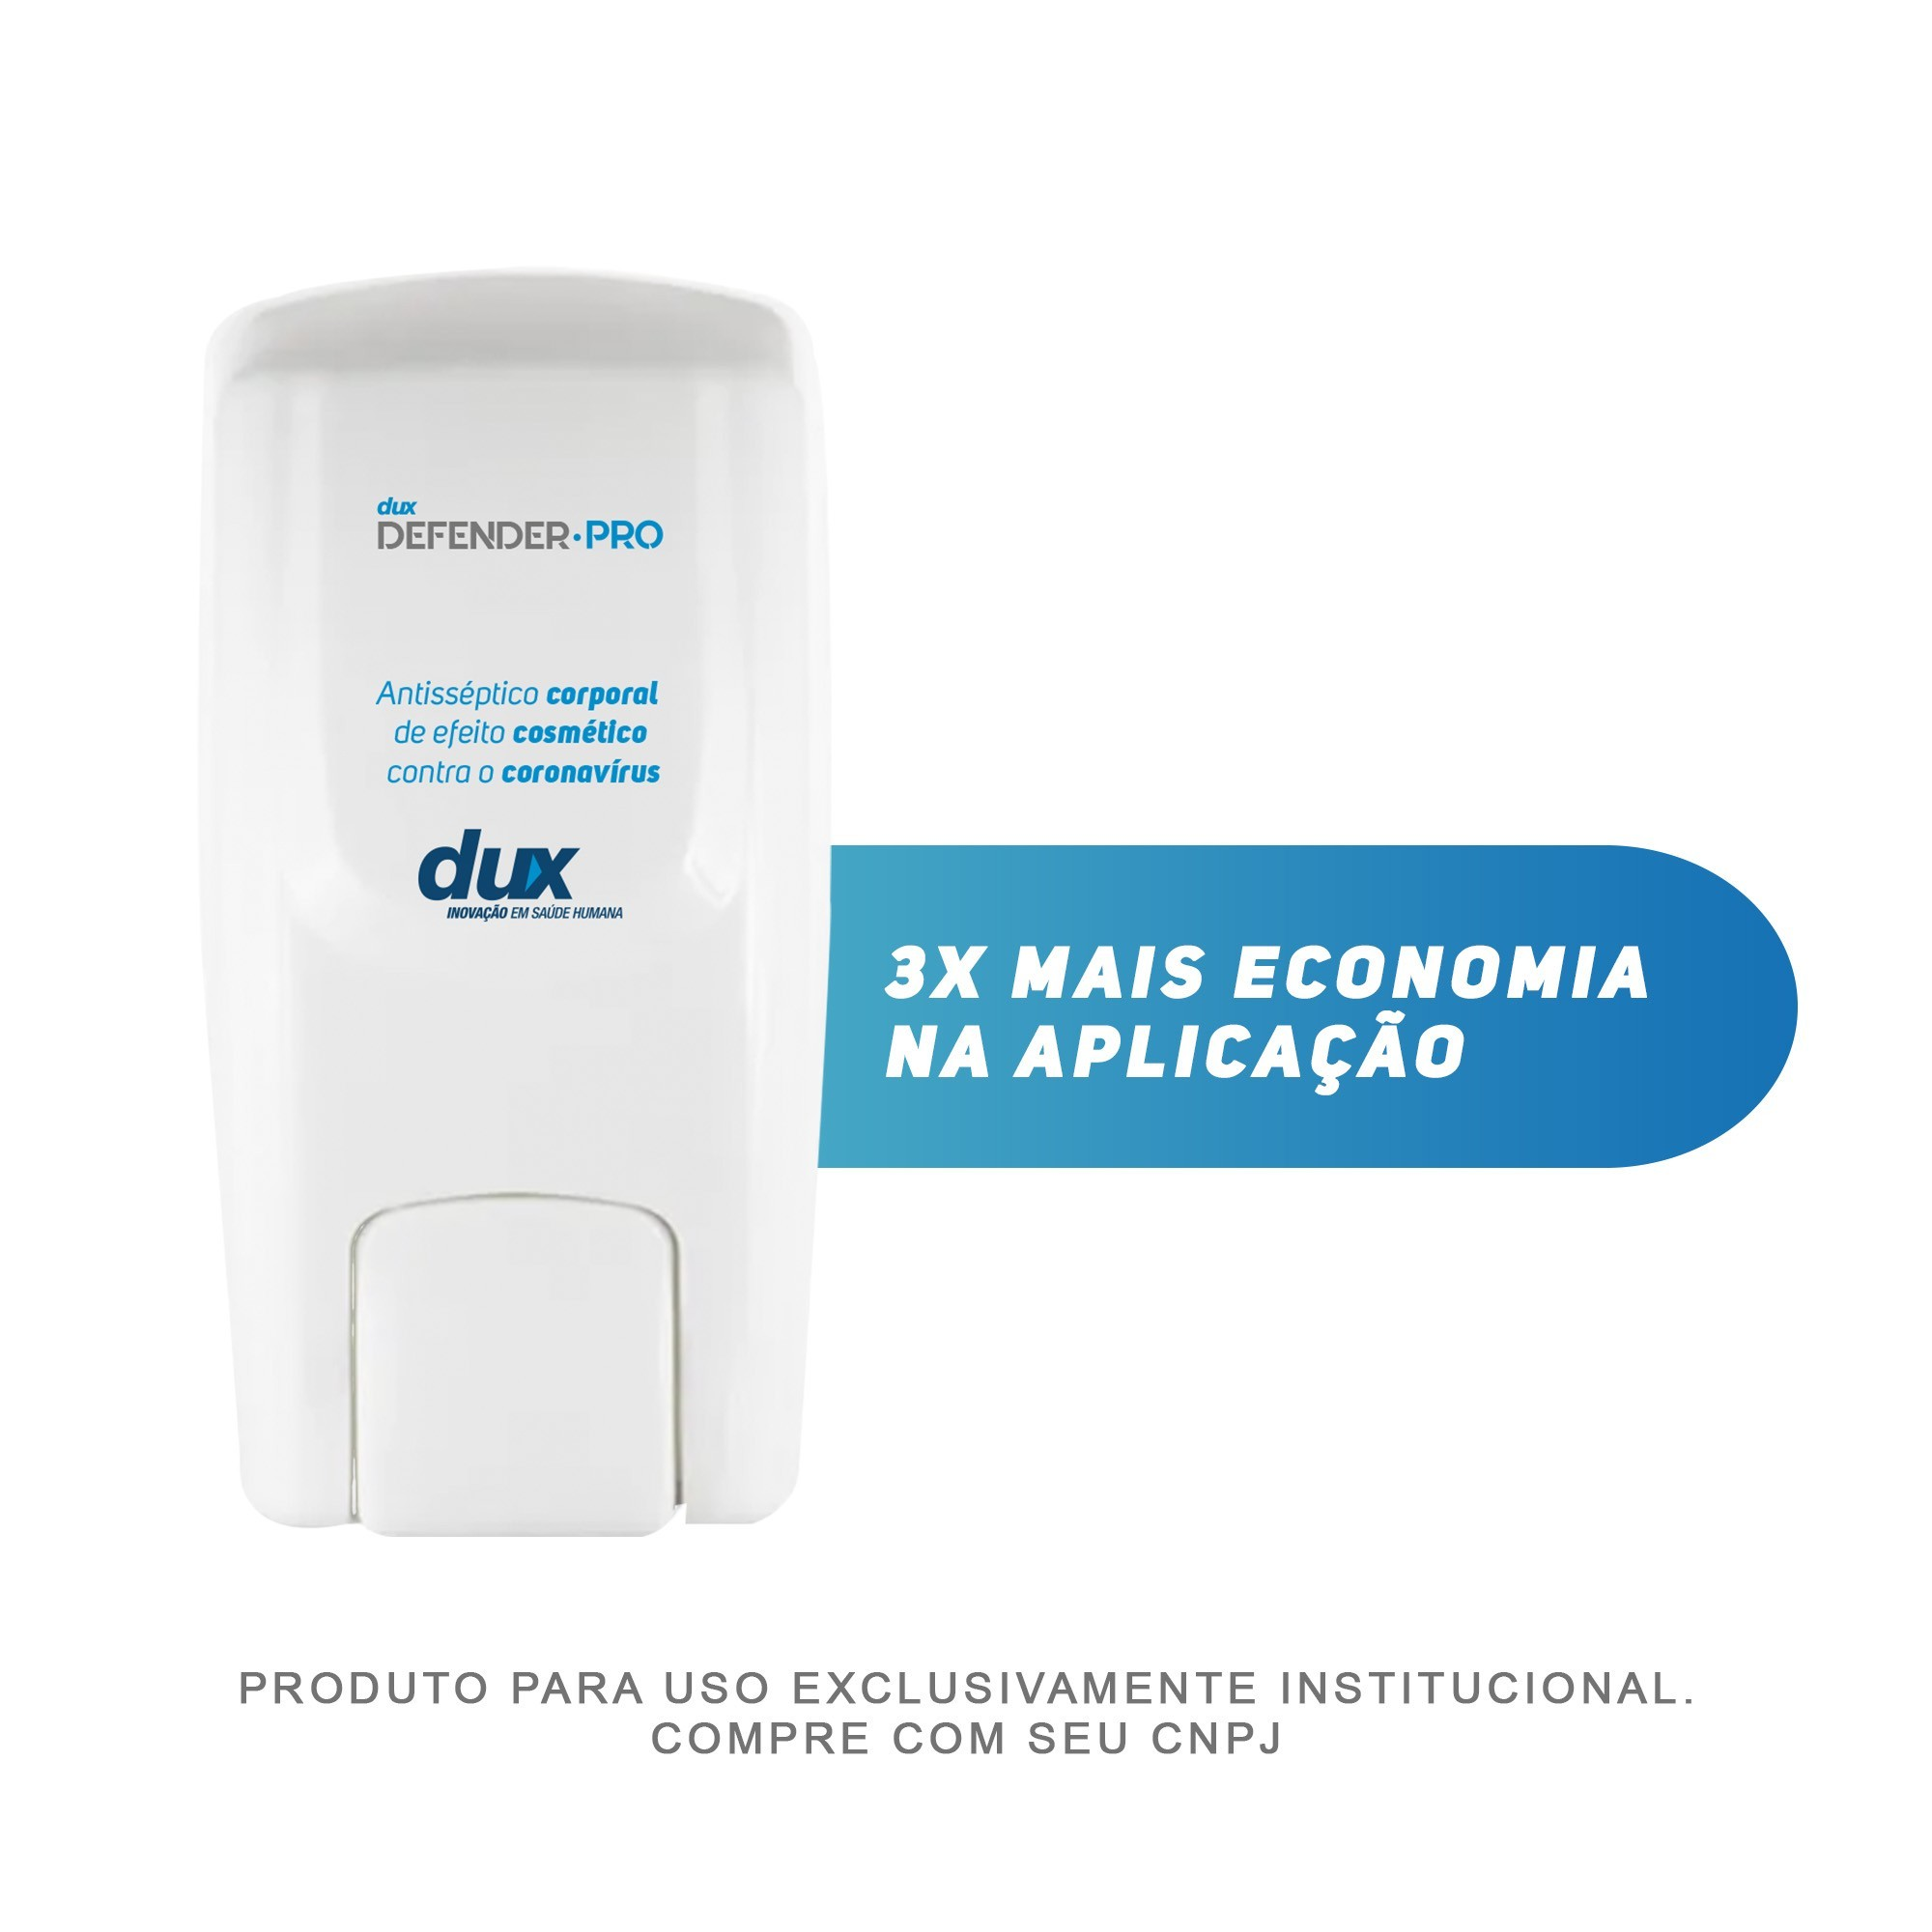 Combo 10 litros de Dux Defender Pro + 1 Dispenser Century